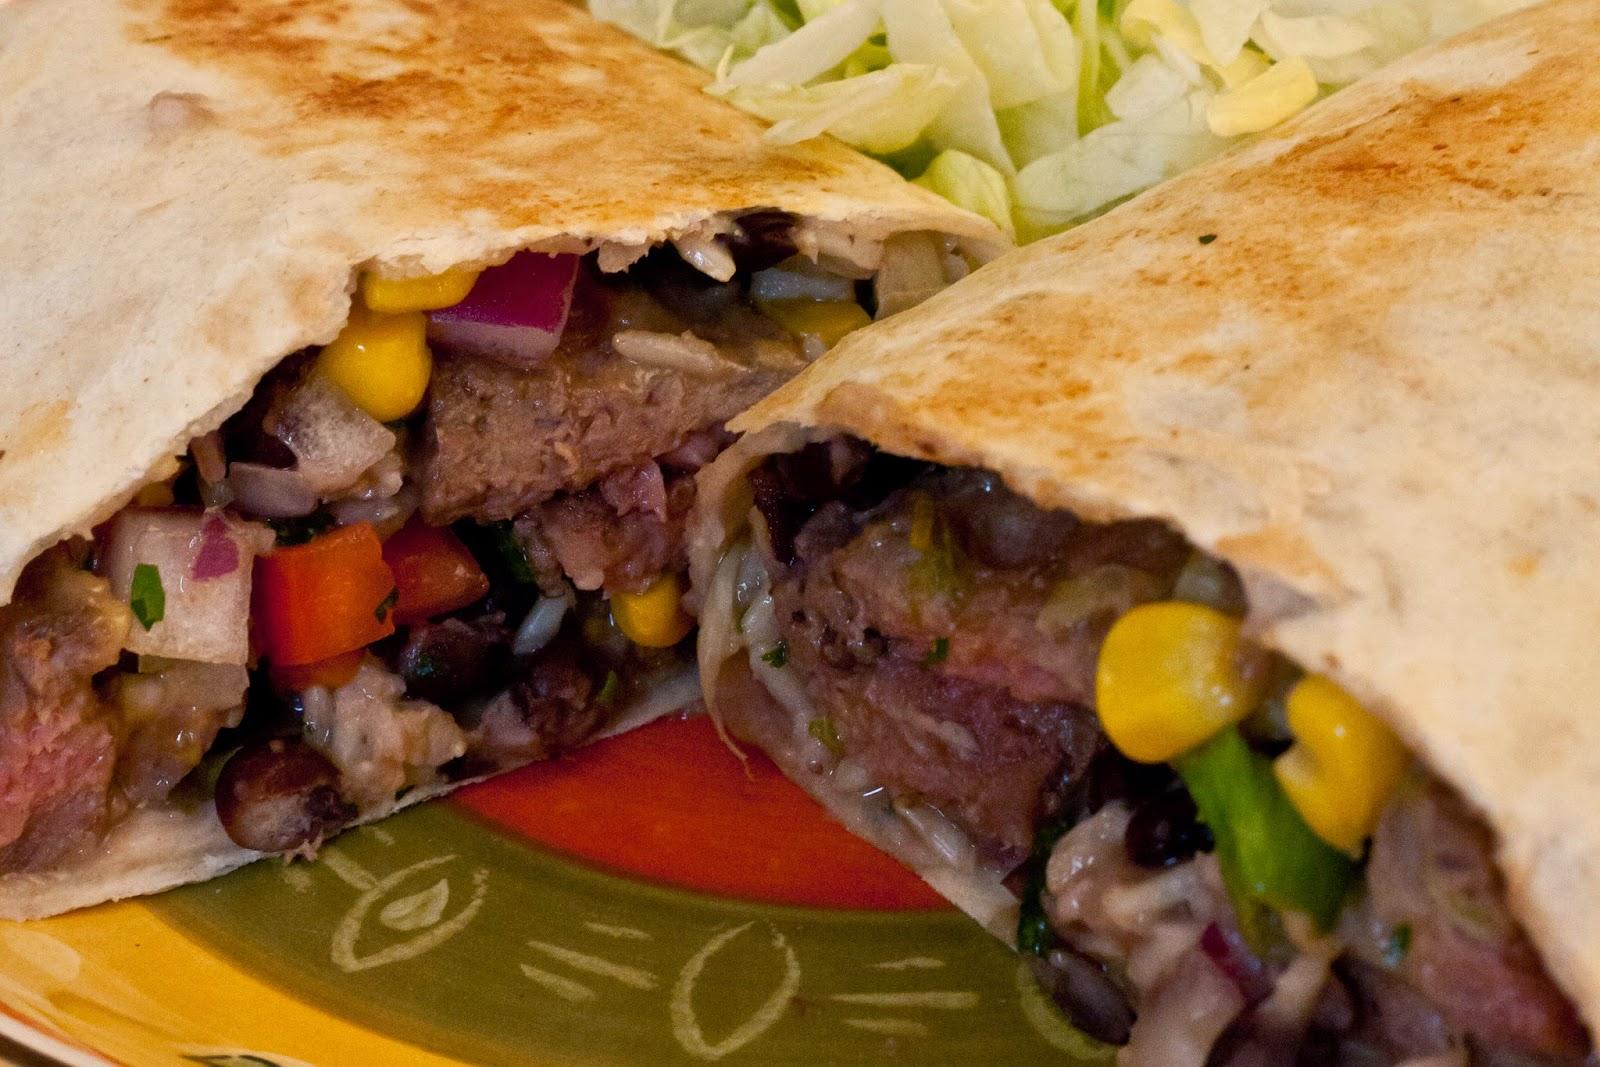 Southwest Bison Steak Wrap